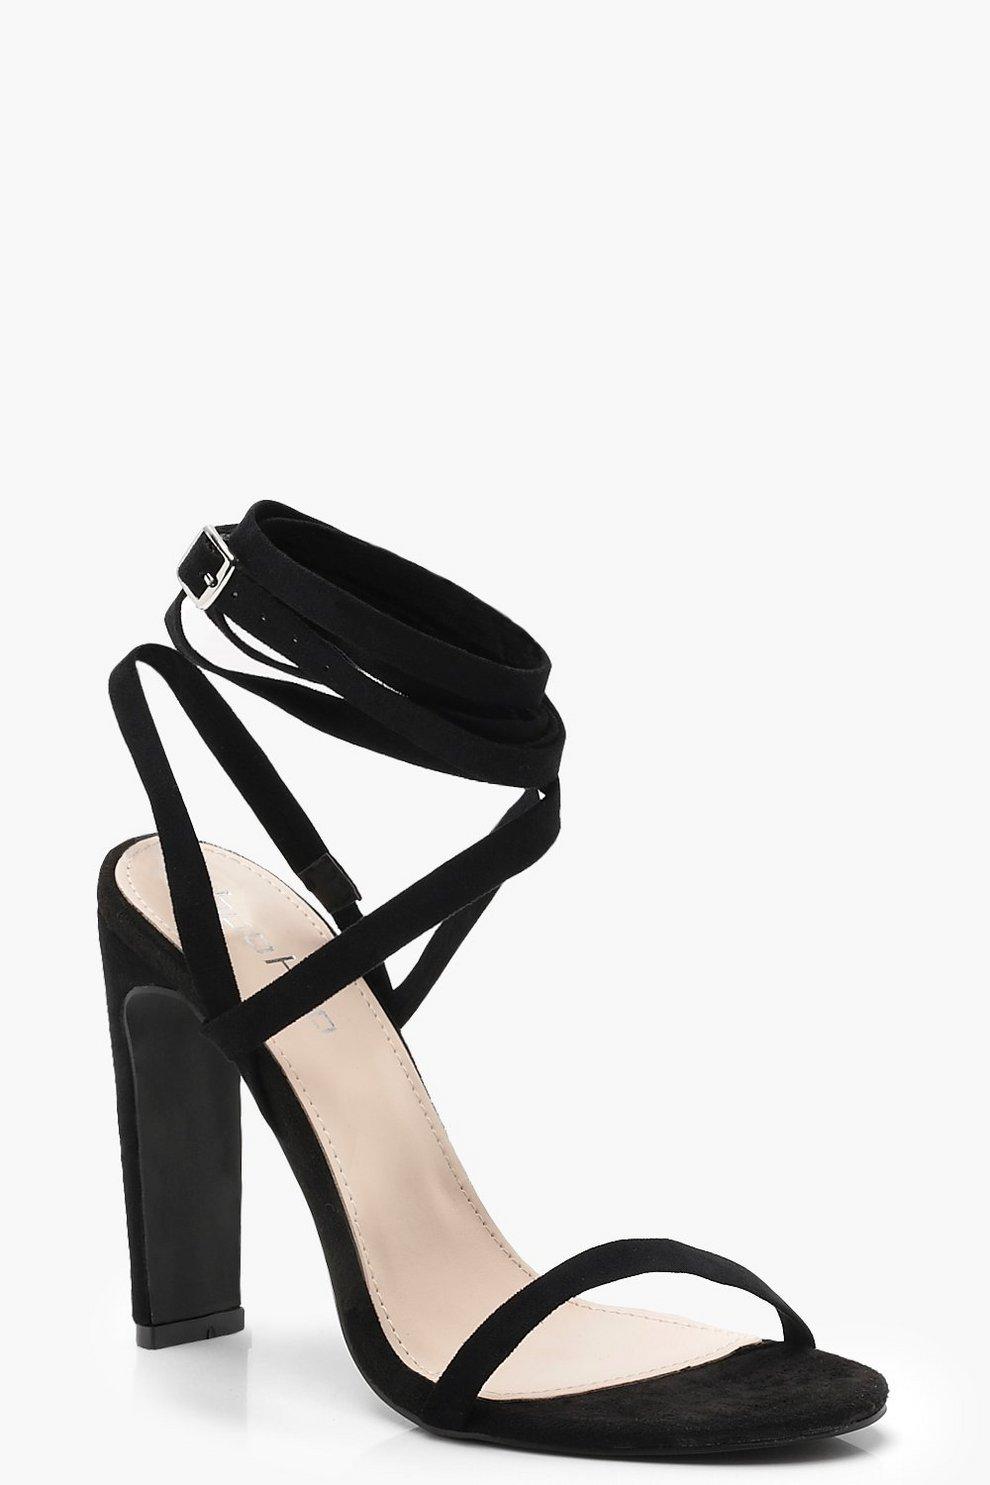 38bc08f0998b Skinny Block Wrap Strap Heels